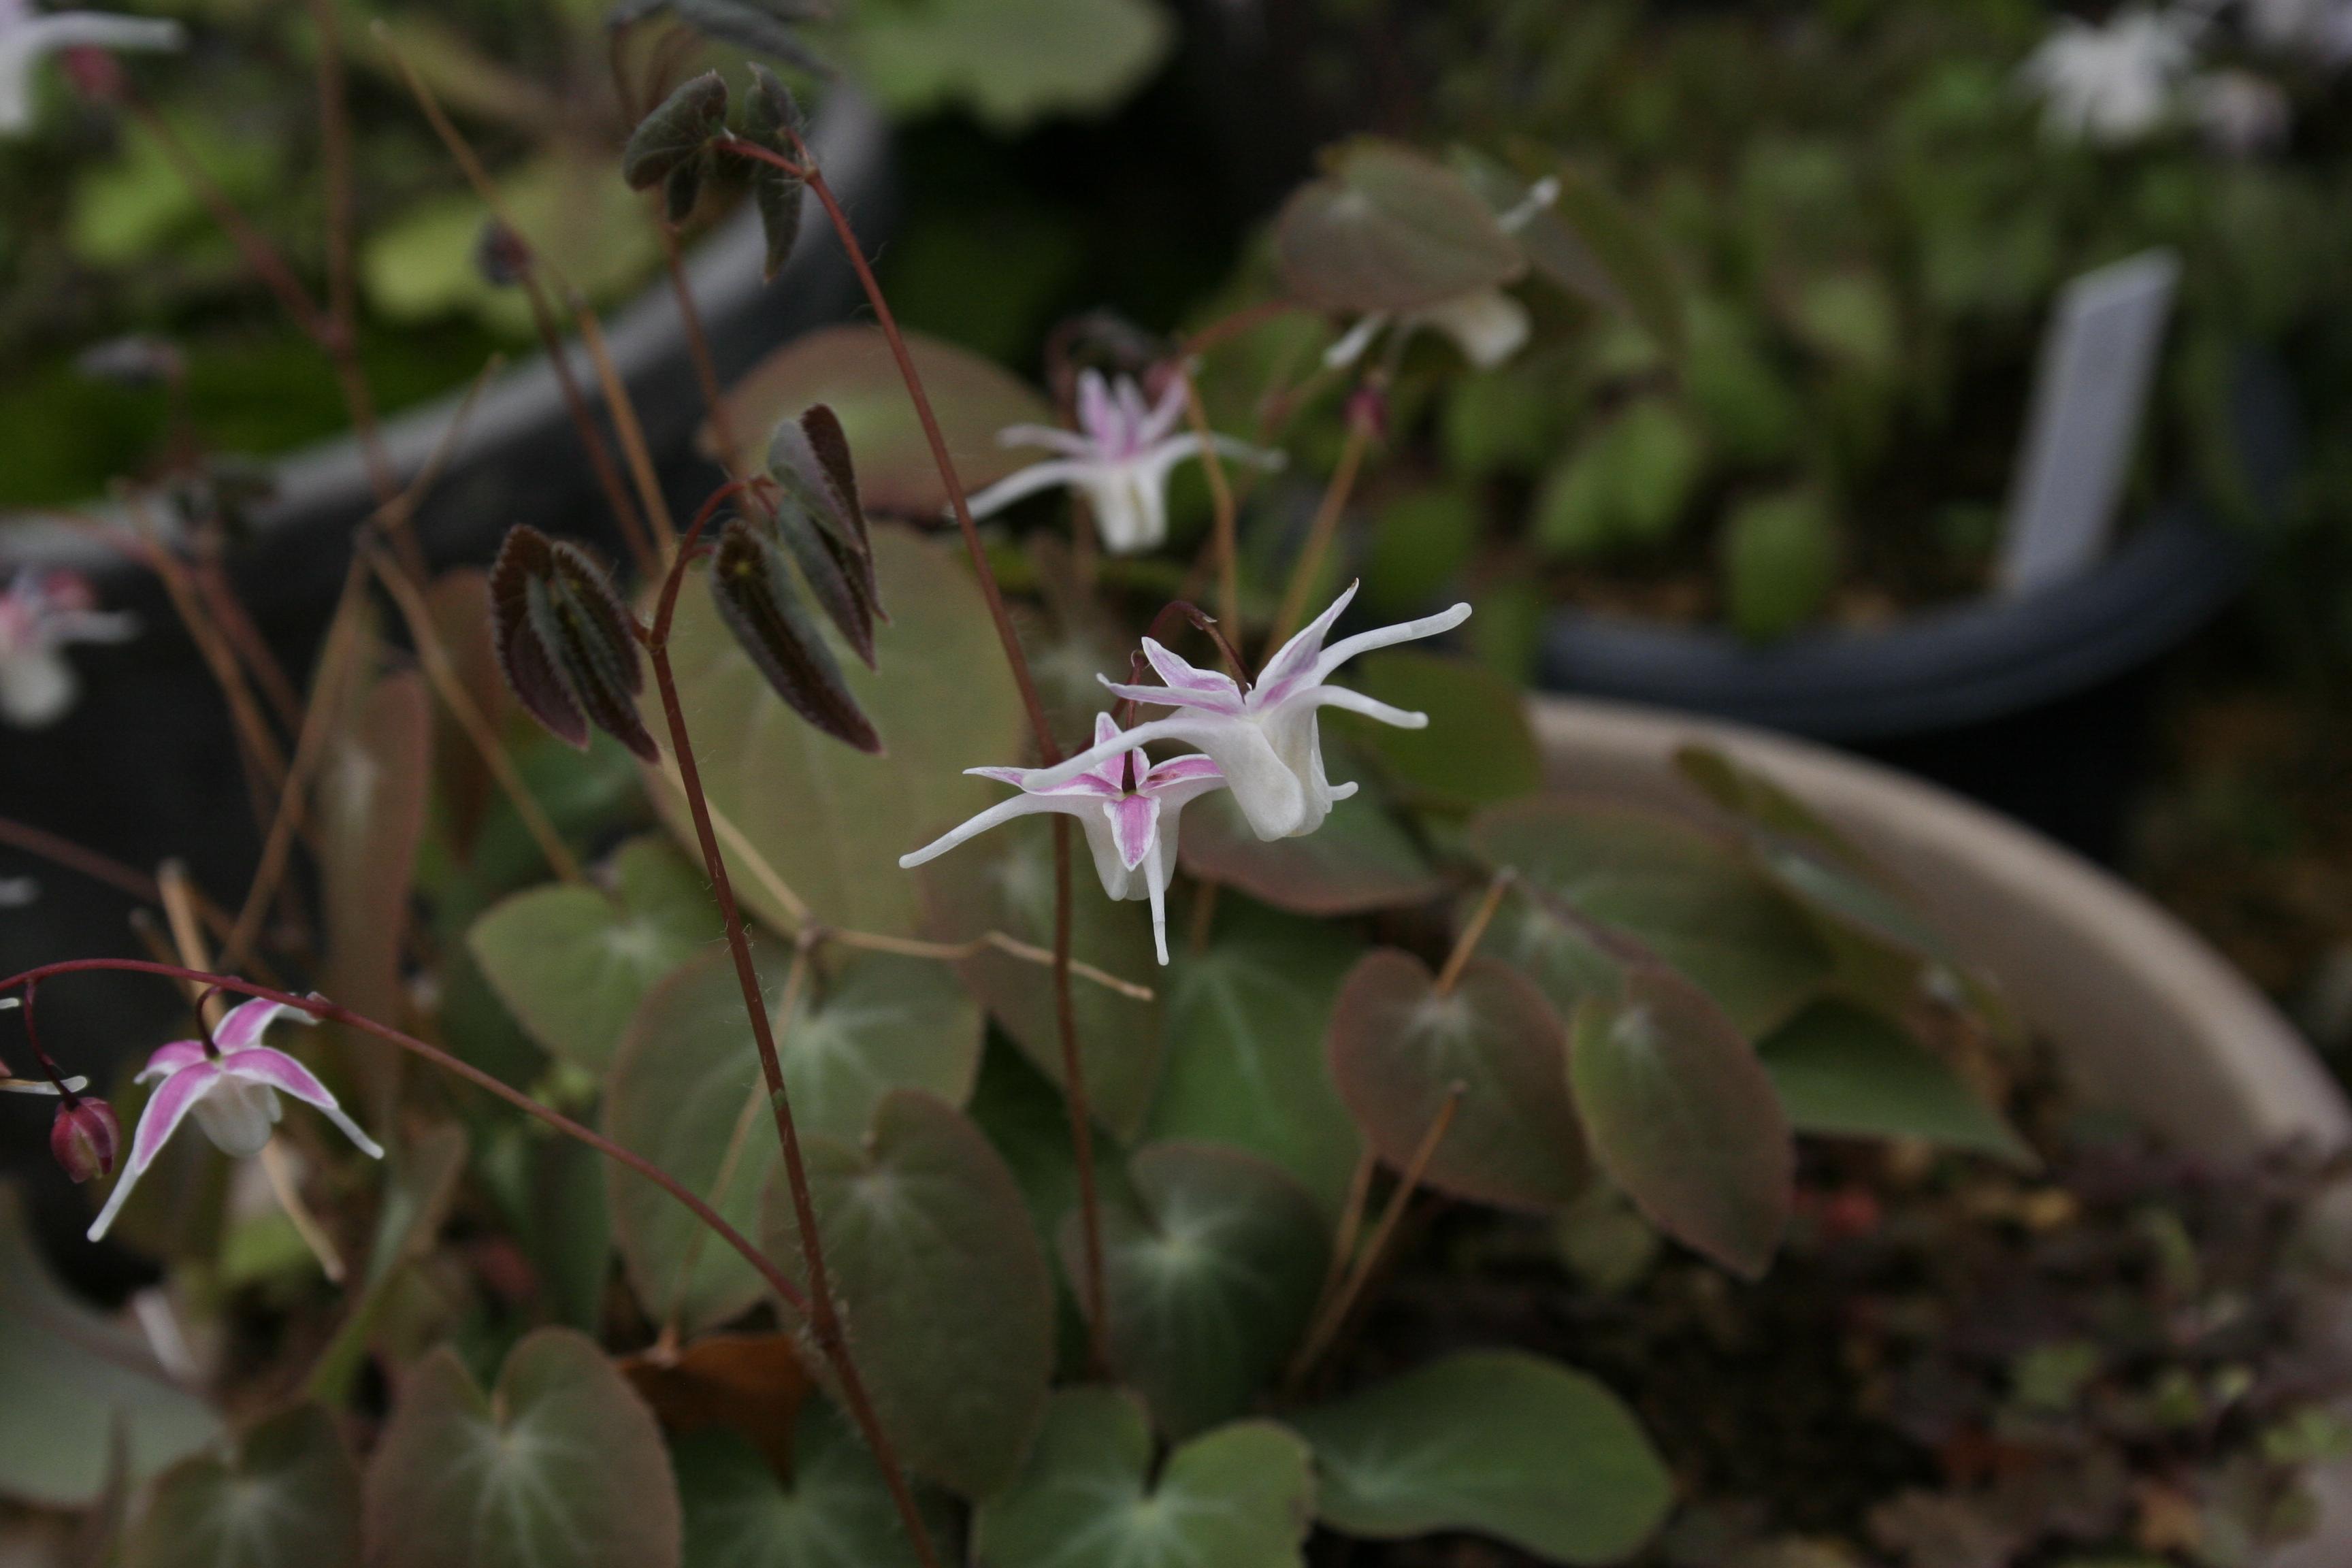 Epimedium x youngianum 'Hagoromo' @ Japan (T. Izumi); deciduous